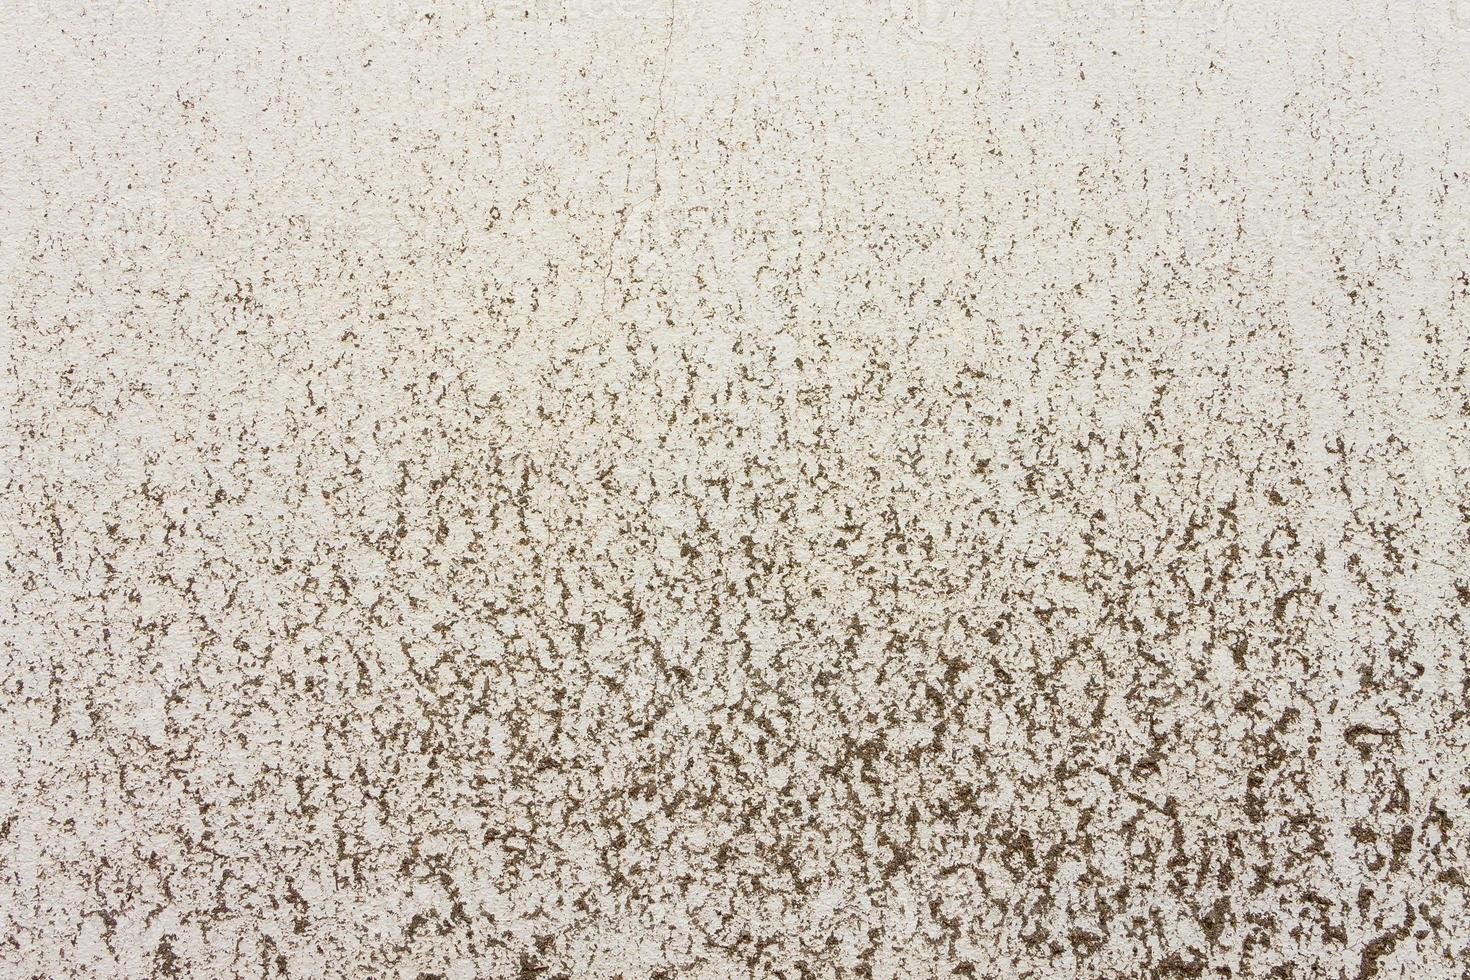 taches d'argile sur fond de texture béton jaune photo